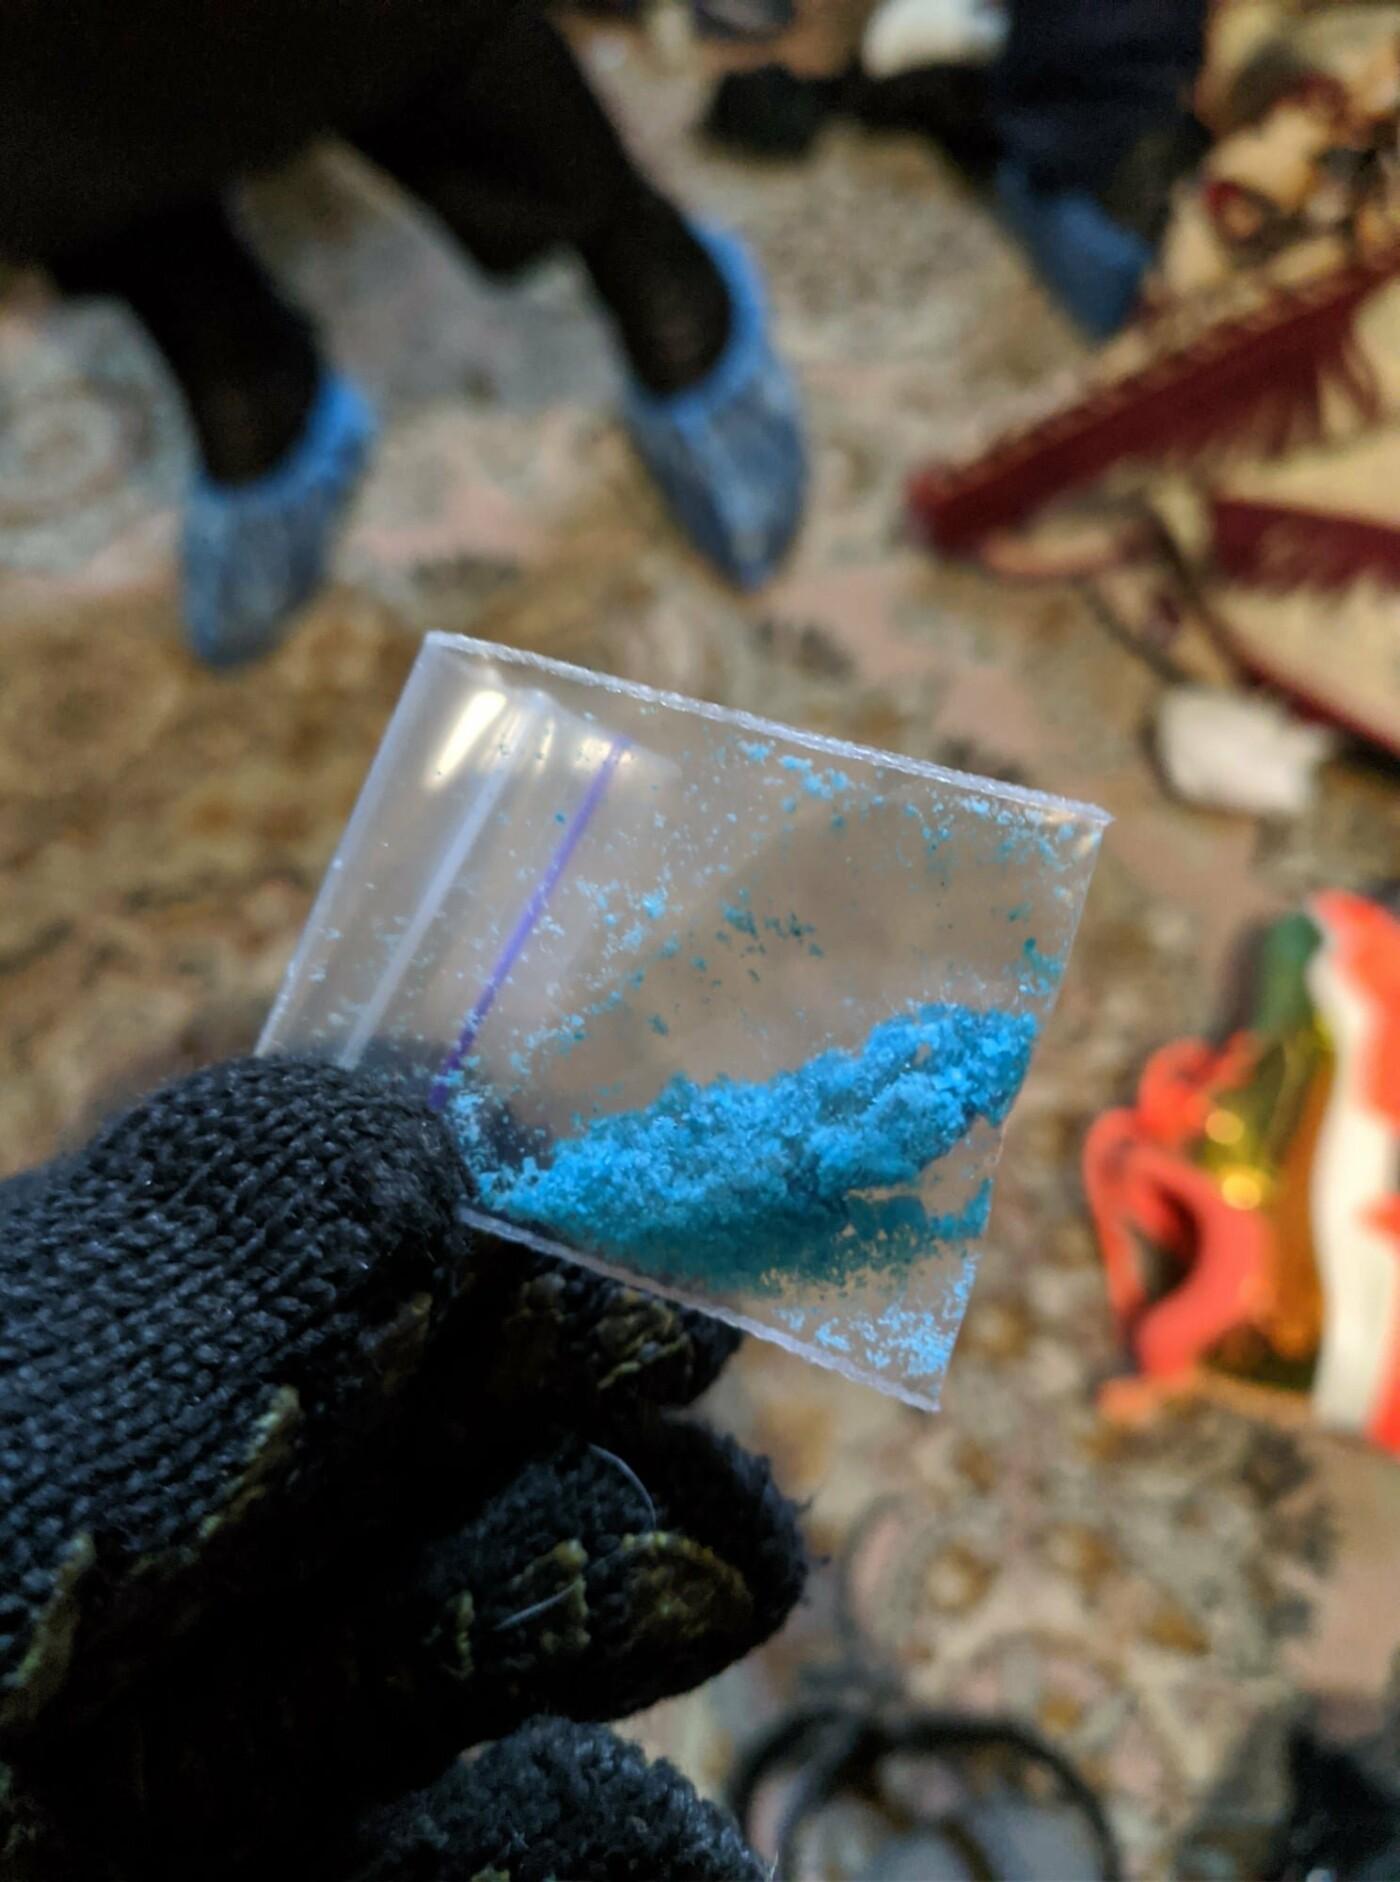 Под Харьковом двоих местных жителей могут осудить на 12 лет за продажу наркотиков и хранение оружия, - ФОТО, фото-2